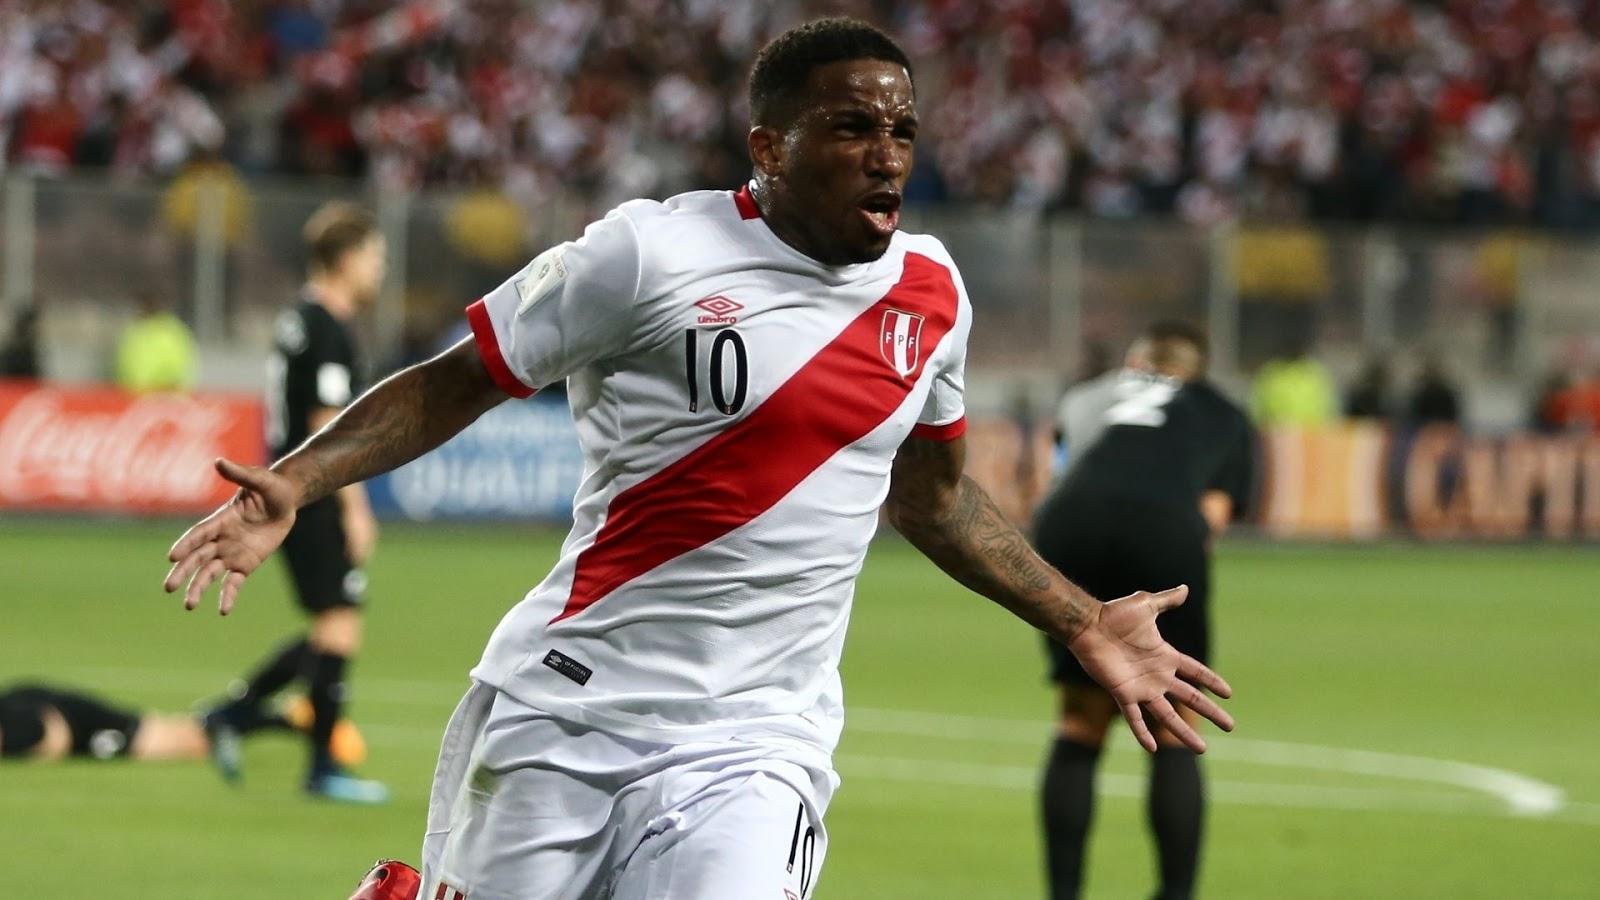 แทงบอลออนไลน์ บาคาร่า ผลการแข่งขัน Peru Vs New Zealand